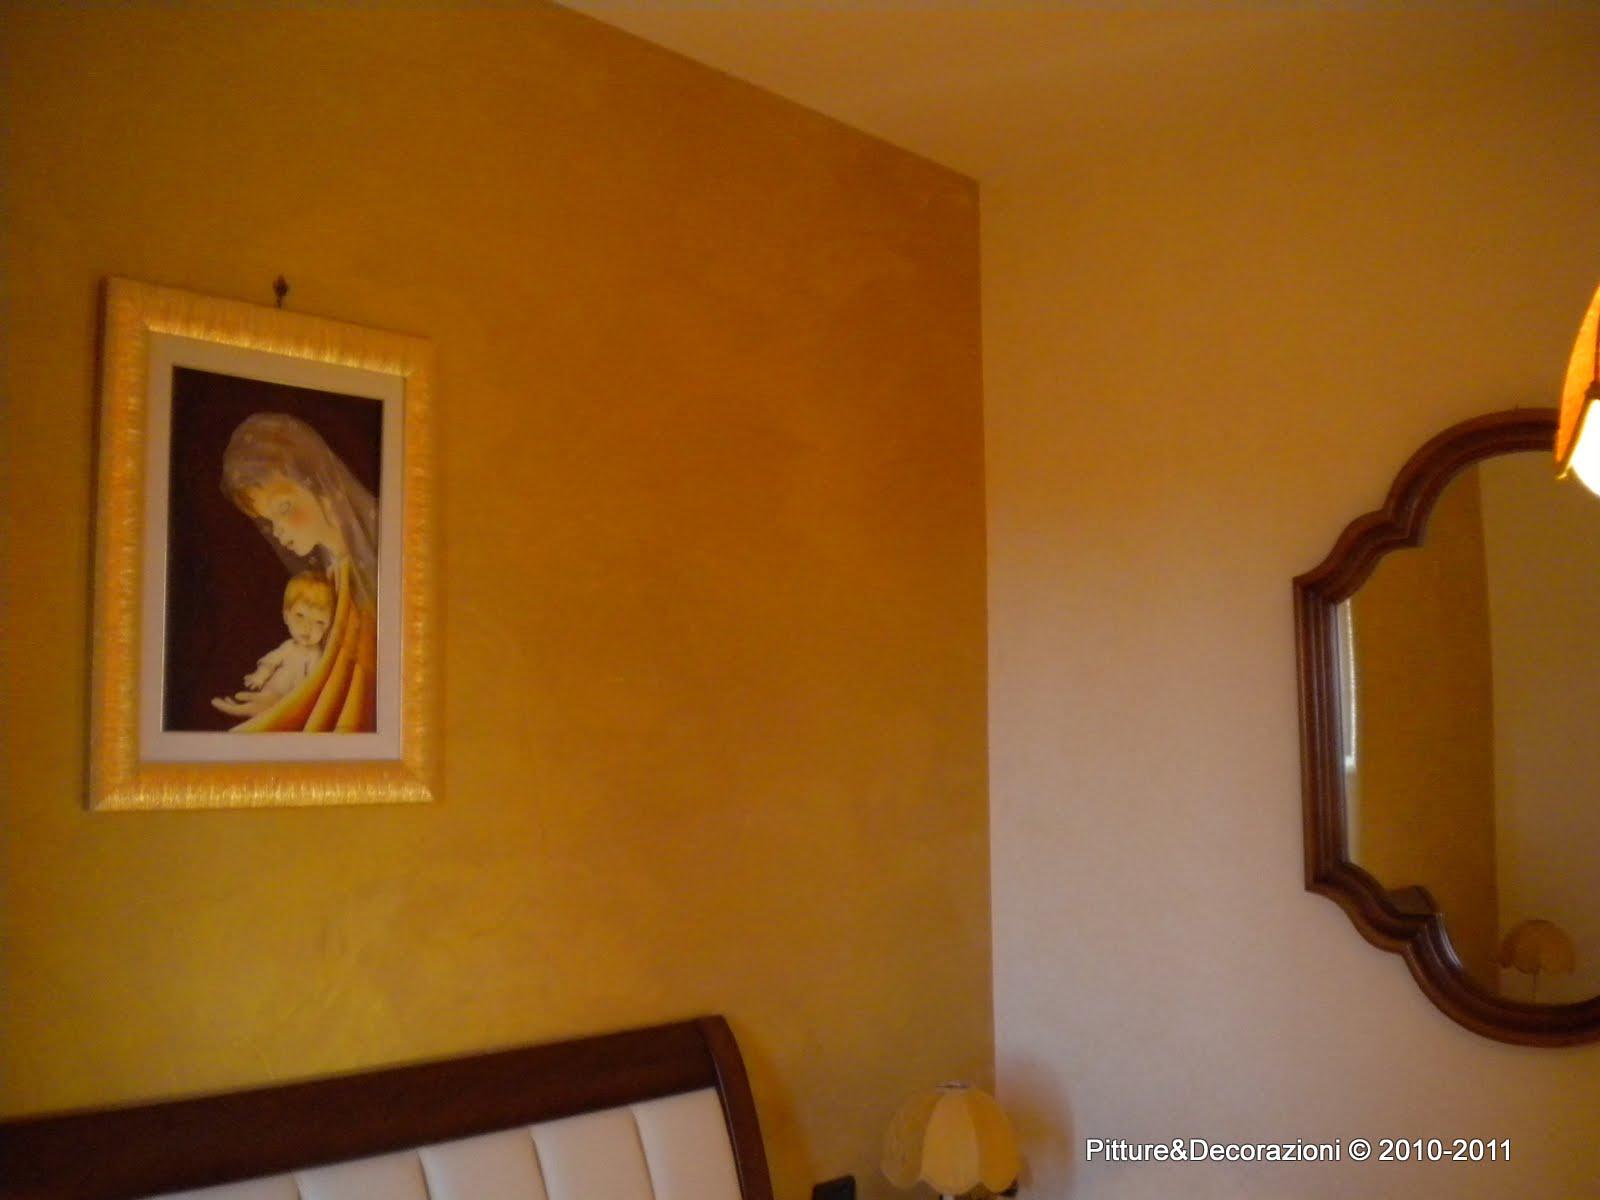 Pitture decorazioni gennaio 2011 for Oikos colori interni